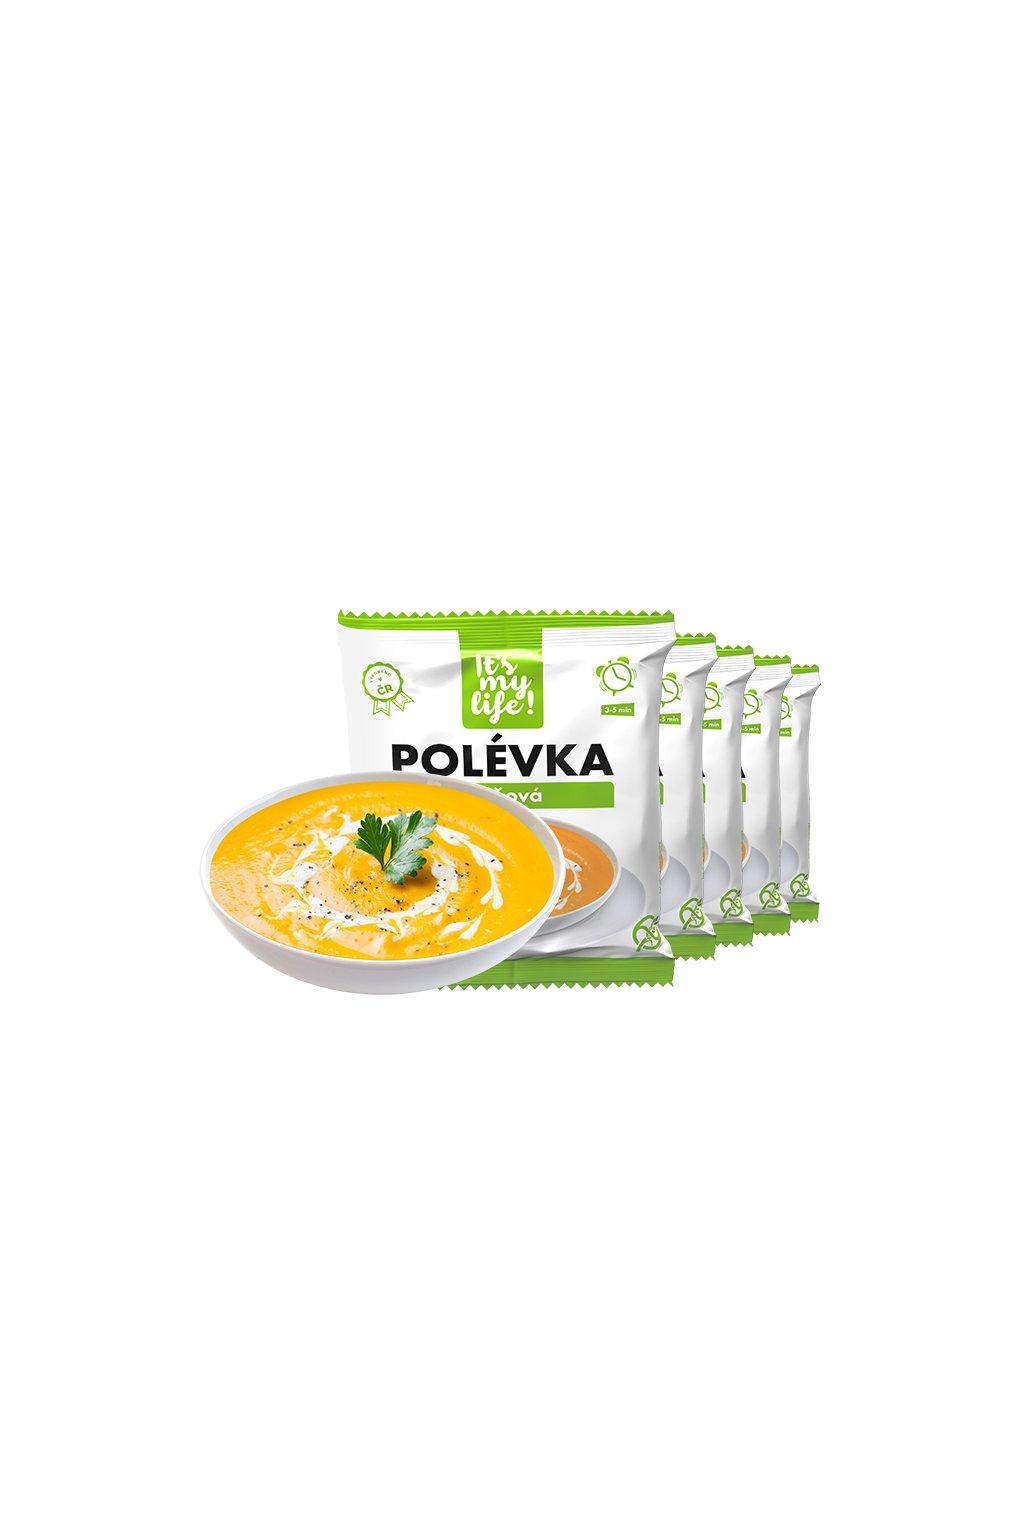 It's my life! Proteinová polévka dýňová 200g (1 porce)